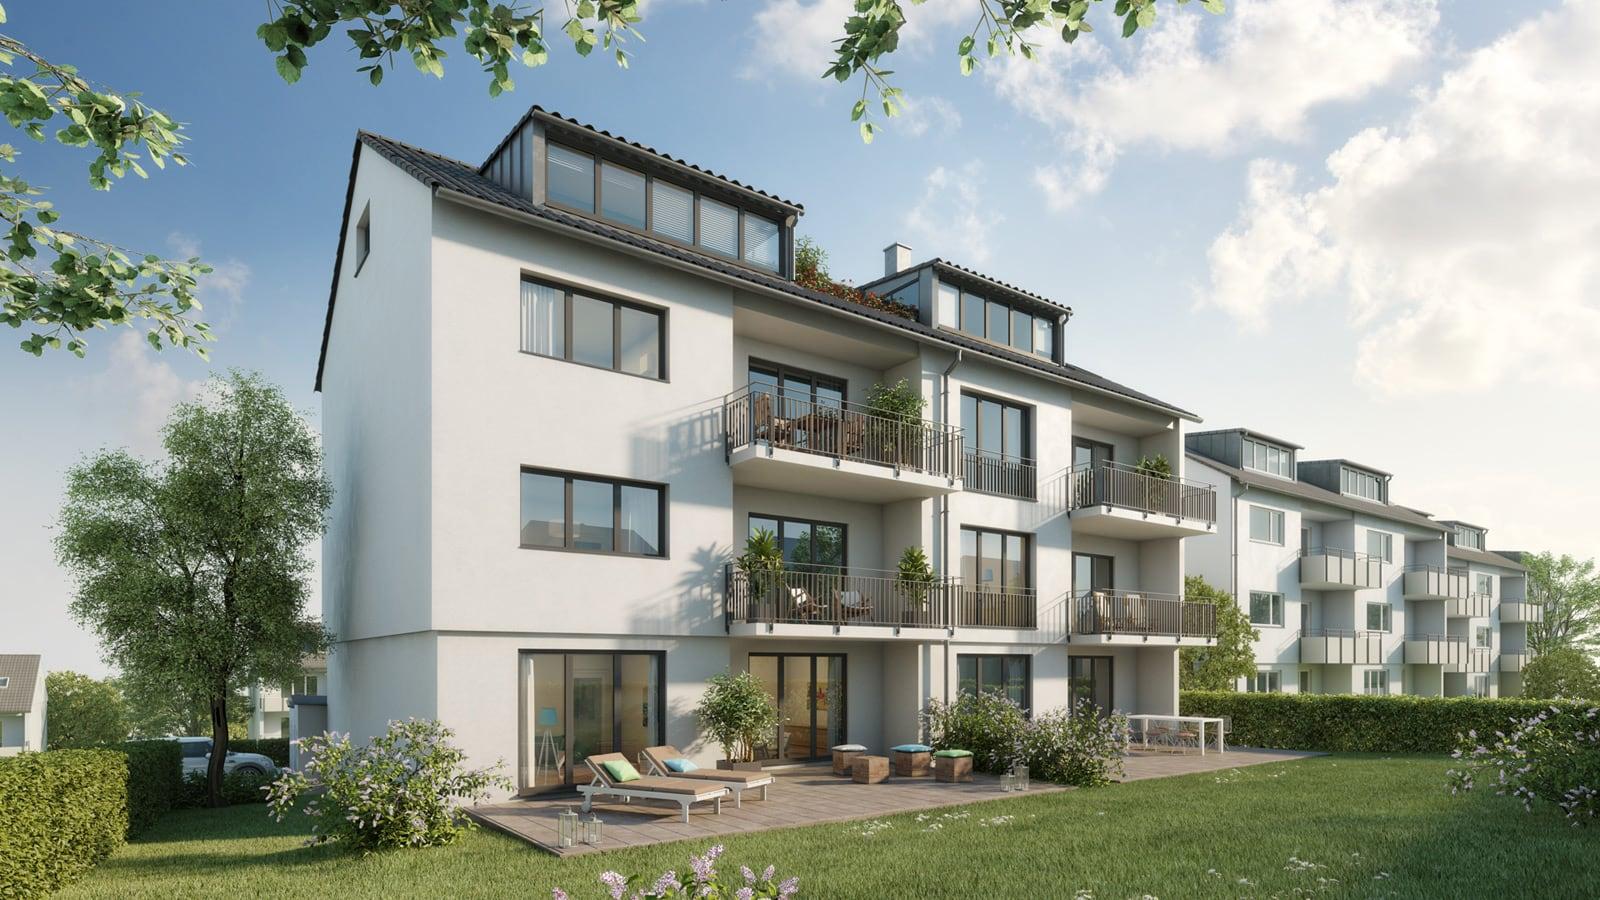 Immobilie Haeckerstraße 12: Gartenansicht